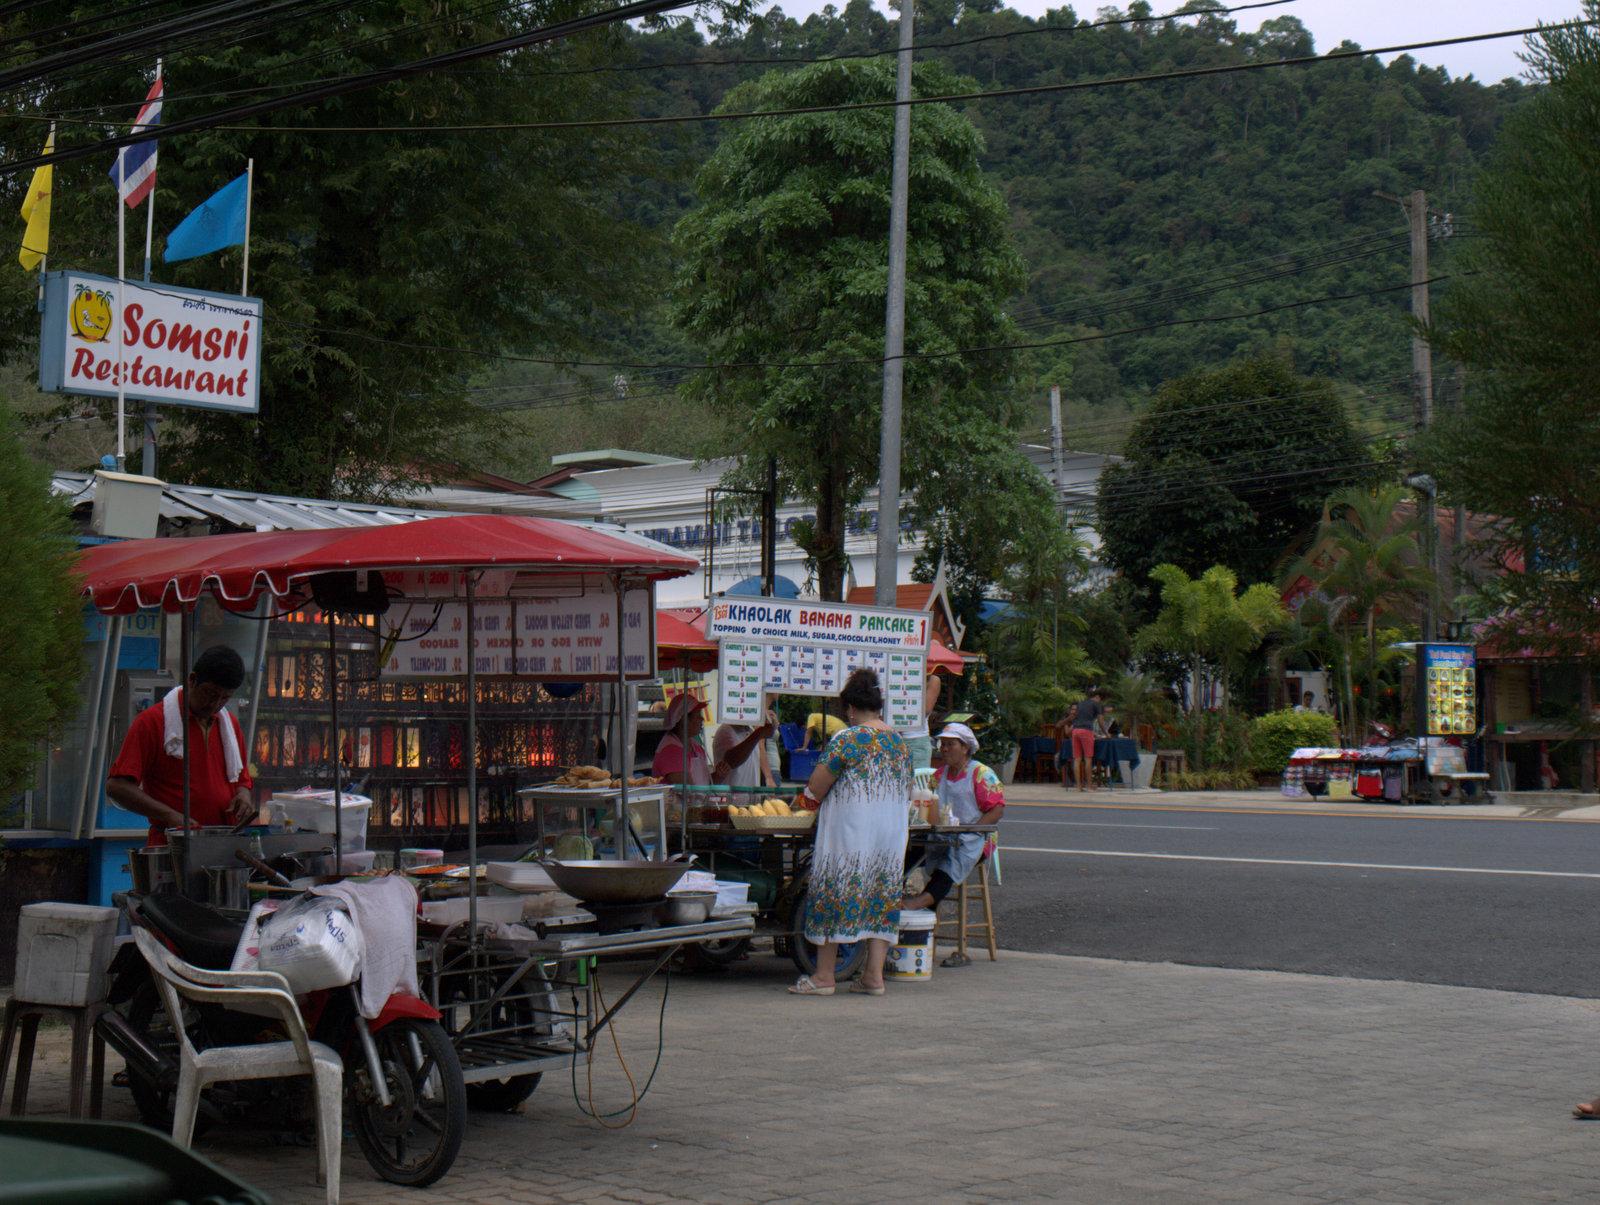 Pad Thai on wheels